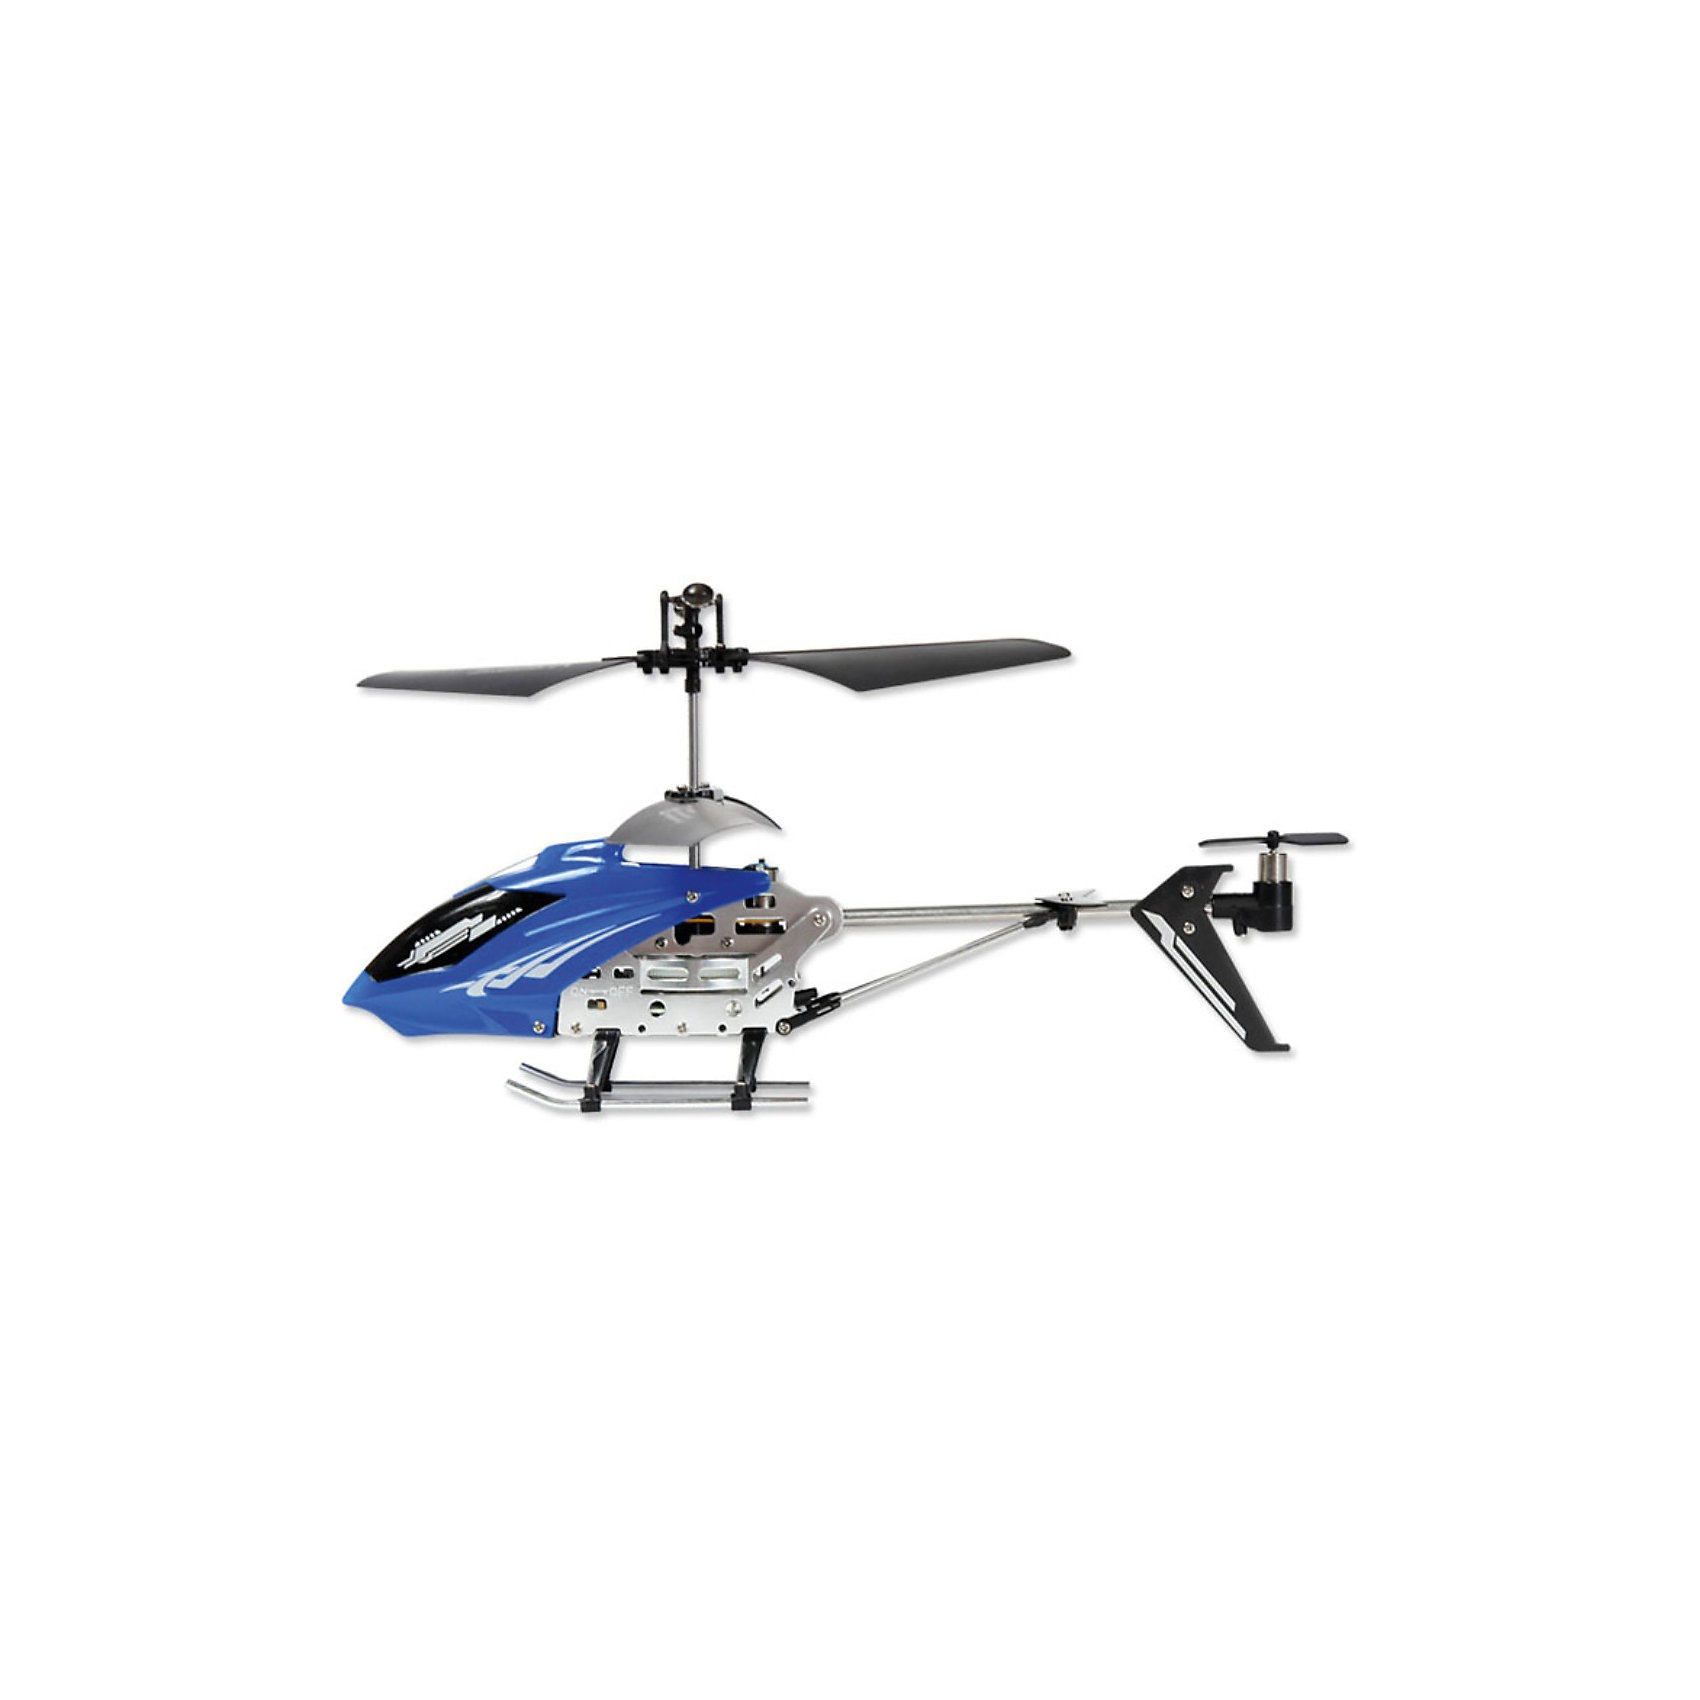 Вертолет IR-107,  синий, на и/к управлении, Mioshi TechРадиоуправляемый вертолет Mioshi IR-107 оснащен гироскопом и 3-хканальной системой управления, благодаря чему модель стабильна в управлении. Движения вертолета плавные, без вращения на взлете. Наличие встроенного гироскопа делает полет сбалансированным и не позволяет сбиться с намеченного курса. Такие вертолеты относятся к усовершенствованным радиоуправляемым игрушкам, пилотировать которые могут даже дети.<br>За счет небольшого веса (всего 40 г) и легкой металлической конструкции вертолет не получает серьезных повреждений, которые возможны при первых запусках.<br>В воздухе могут одновременно парить несколько вертолетов., что возможно благодаря разным каналам, которые соединяют вертолет и пульт.<br> <br>Дополнительная информация:<br><br>- Время полета: 6,5 – 7,5 мин на расстоянии до 10 м<br>- Максимальная скорость: 10 км/ч.<br>- Время зарядки: 48-51 мин<br>- Батарея: 3.7V 180mAh <br>- Зарядка от USB-порта, зарядный кабель в комплекте<br>- Возможность зарядки от пульта дистанционного управления<br>- Питание пульта ДУ: 6 батареек типа AA (приобретаются отдельно)<br>- Размеры вертолета: 220 x 38 x 98 мм.<br>- Диаметр несущего винта: 187 мм.<br>- Размеры упаковки: 510 х 190 х 85 мм.<br>- Вес упаковки: 720 г.<br>- Комплект поставки: собранный, полностью готовый к полету вертолет, инфракрасный пульт ДУ, кабель USB для зарядки, два запасных хвостовых винта, четыре запасные лопасти, два запасных крепления стабилизатора, набор шестеренок, инструкция<br>- Материал: высококачественный пластик, металл<br><br>Вертолет IR-107,  синий, на и/к управлении, Mioshi Tech  можно купить в нашем магазине.<br><br>Ширина мм: 510<br>Глубина мм: 190<br>Высота мм: 85<br>Вес г: 722<br>Возраст от месяцев: 72<br>Возраст до месяцев: 1188<br>Пол: Мужской<br>Возраст: Детский<br>SKU: 3703438